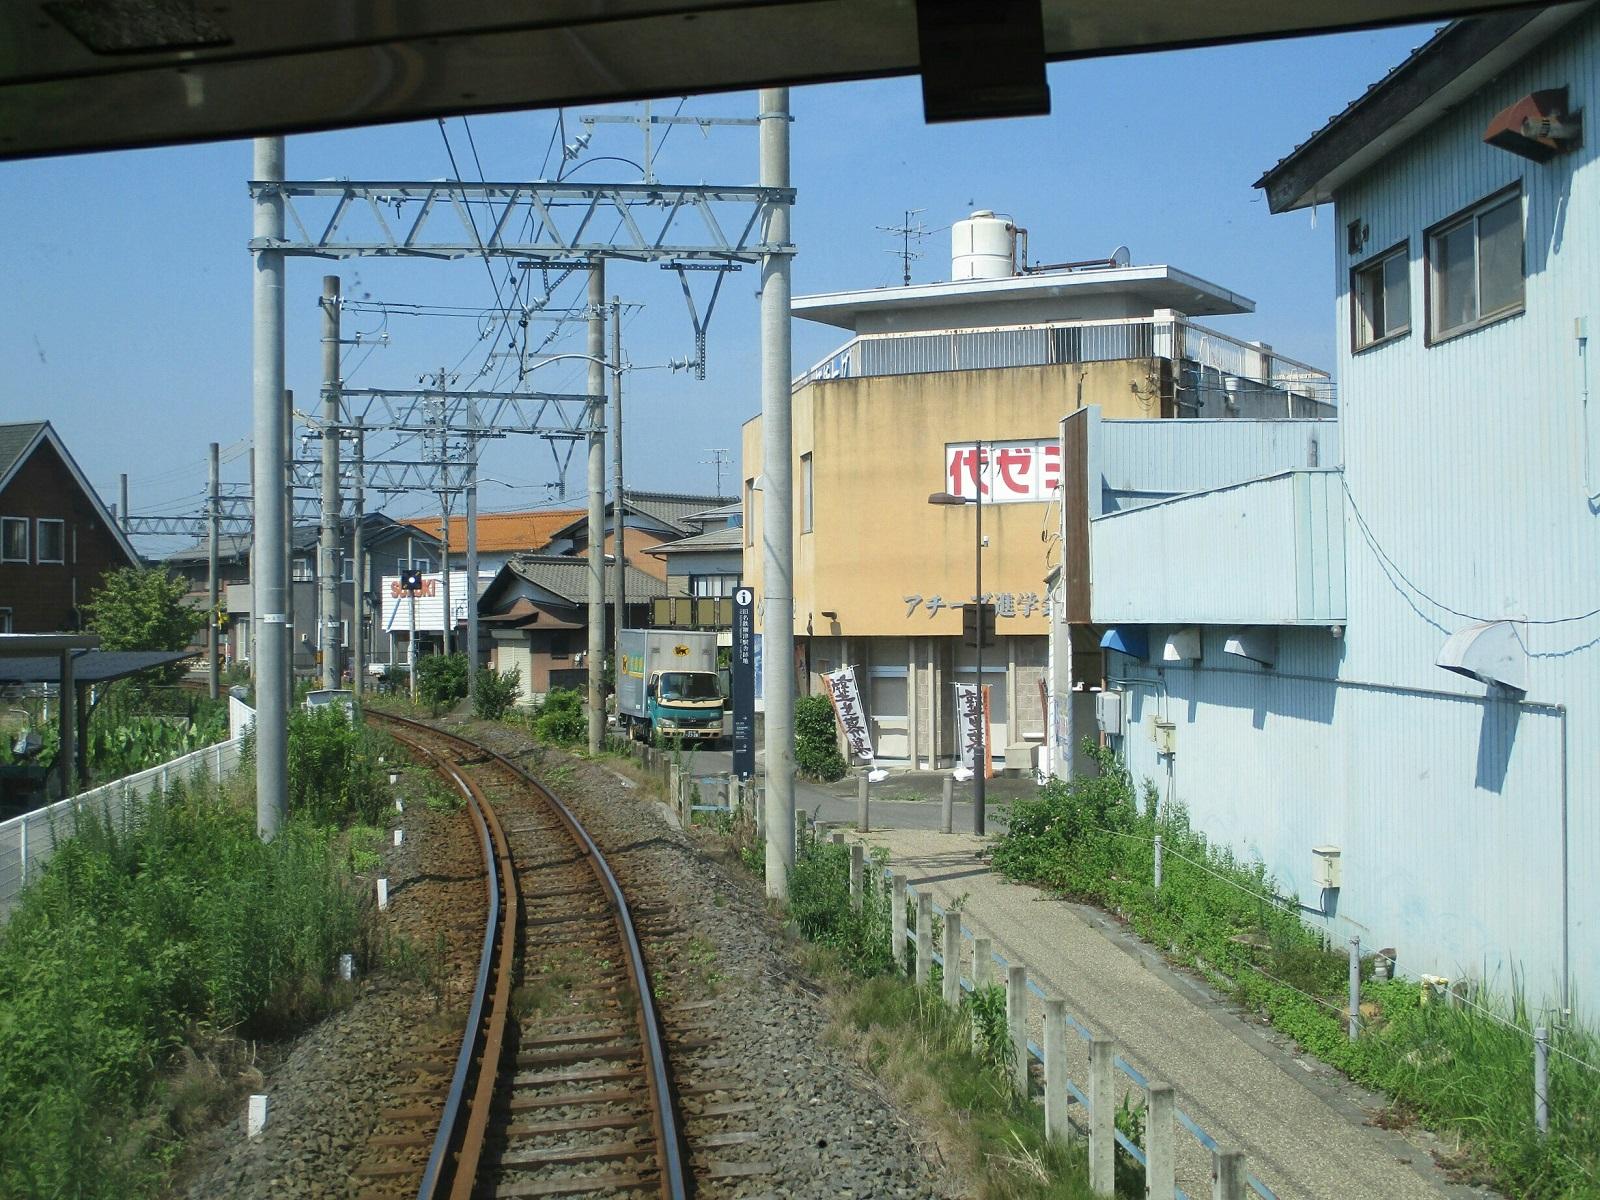 2018.7.18 (35) 新羽島いきふつう - 柳津-南宿間 1600-1200